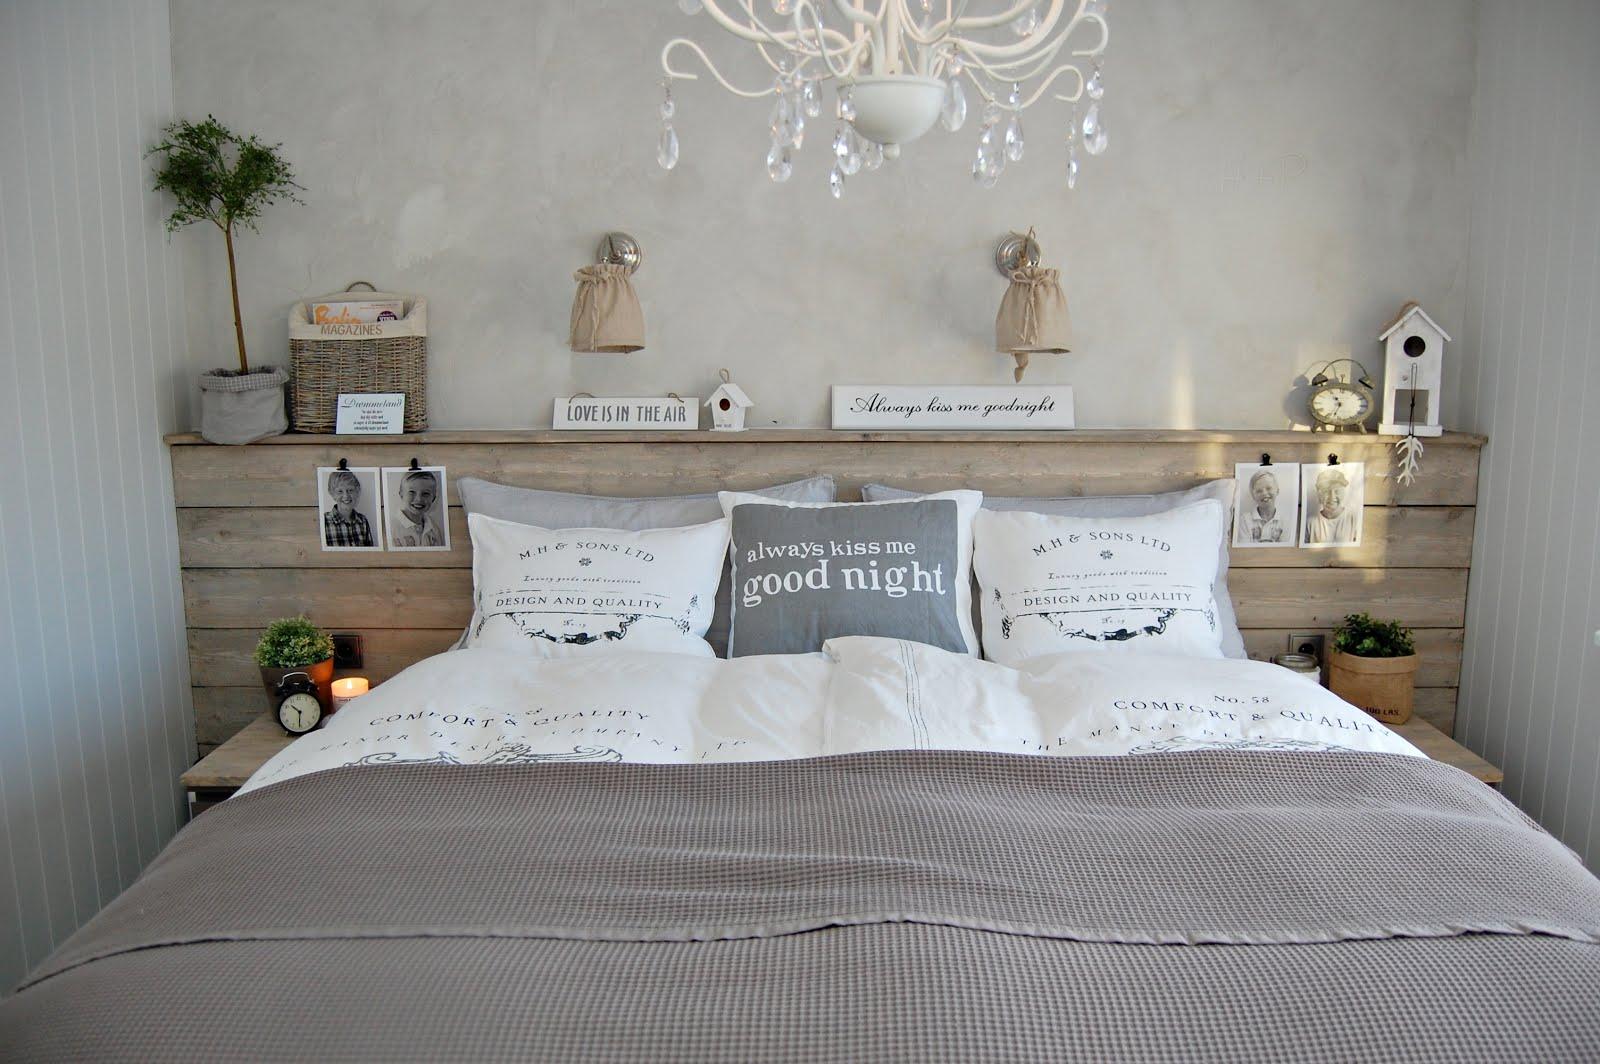 Grande chambre on pinterest dark walls pipe curtain - Tete de lit planche ...